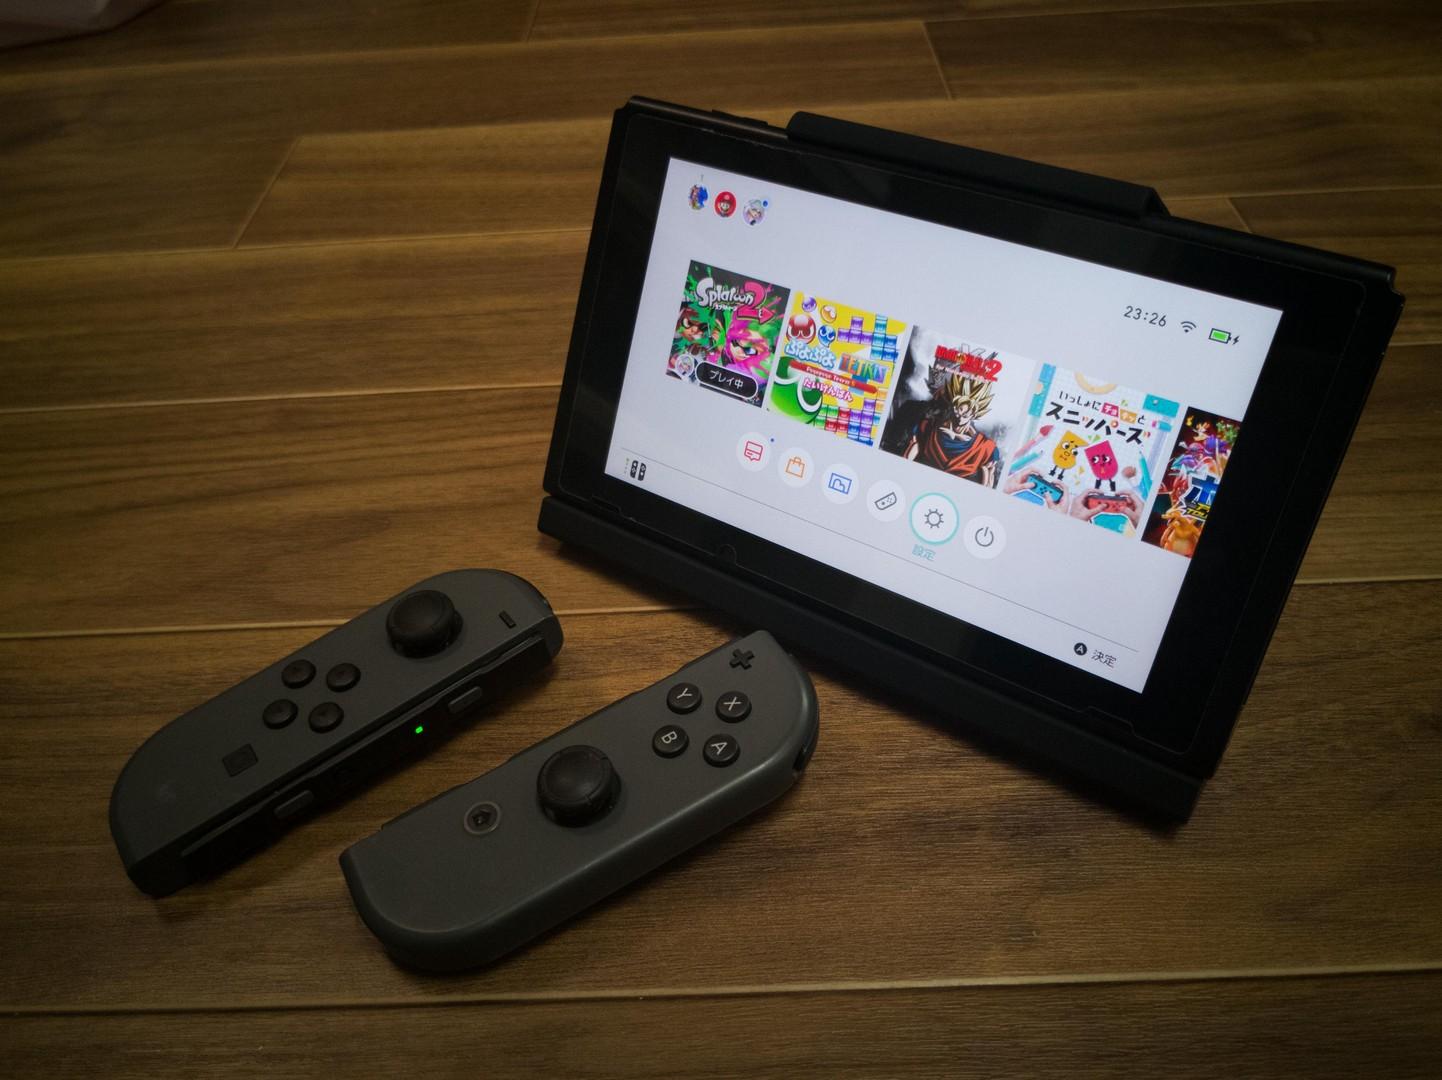 Nintendo Switch専用のモバイルバッテリー「GAME POWER」のレビュー